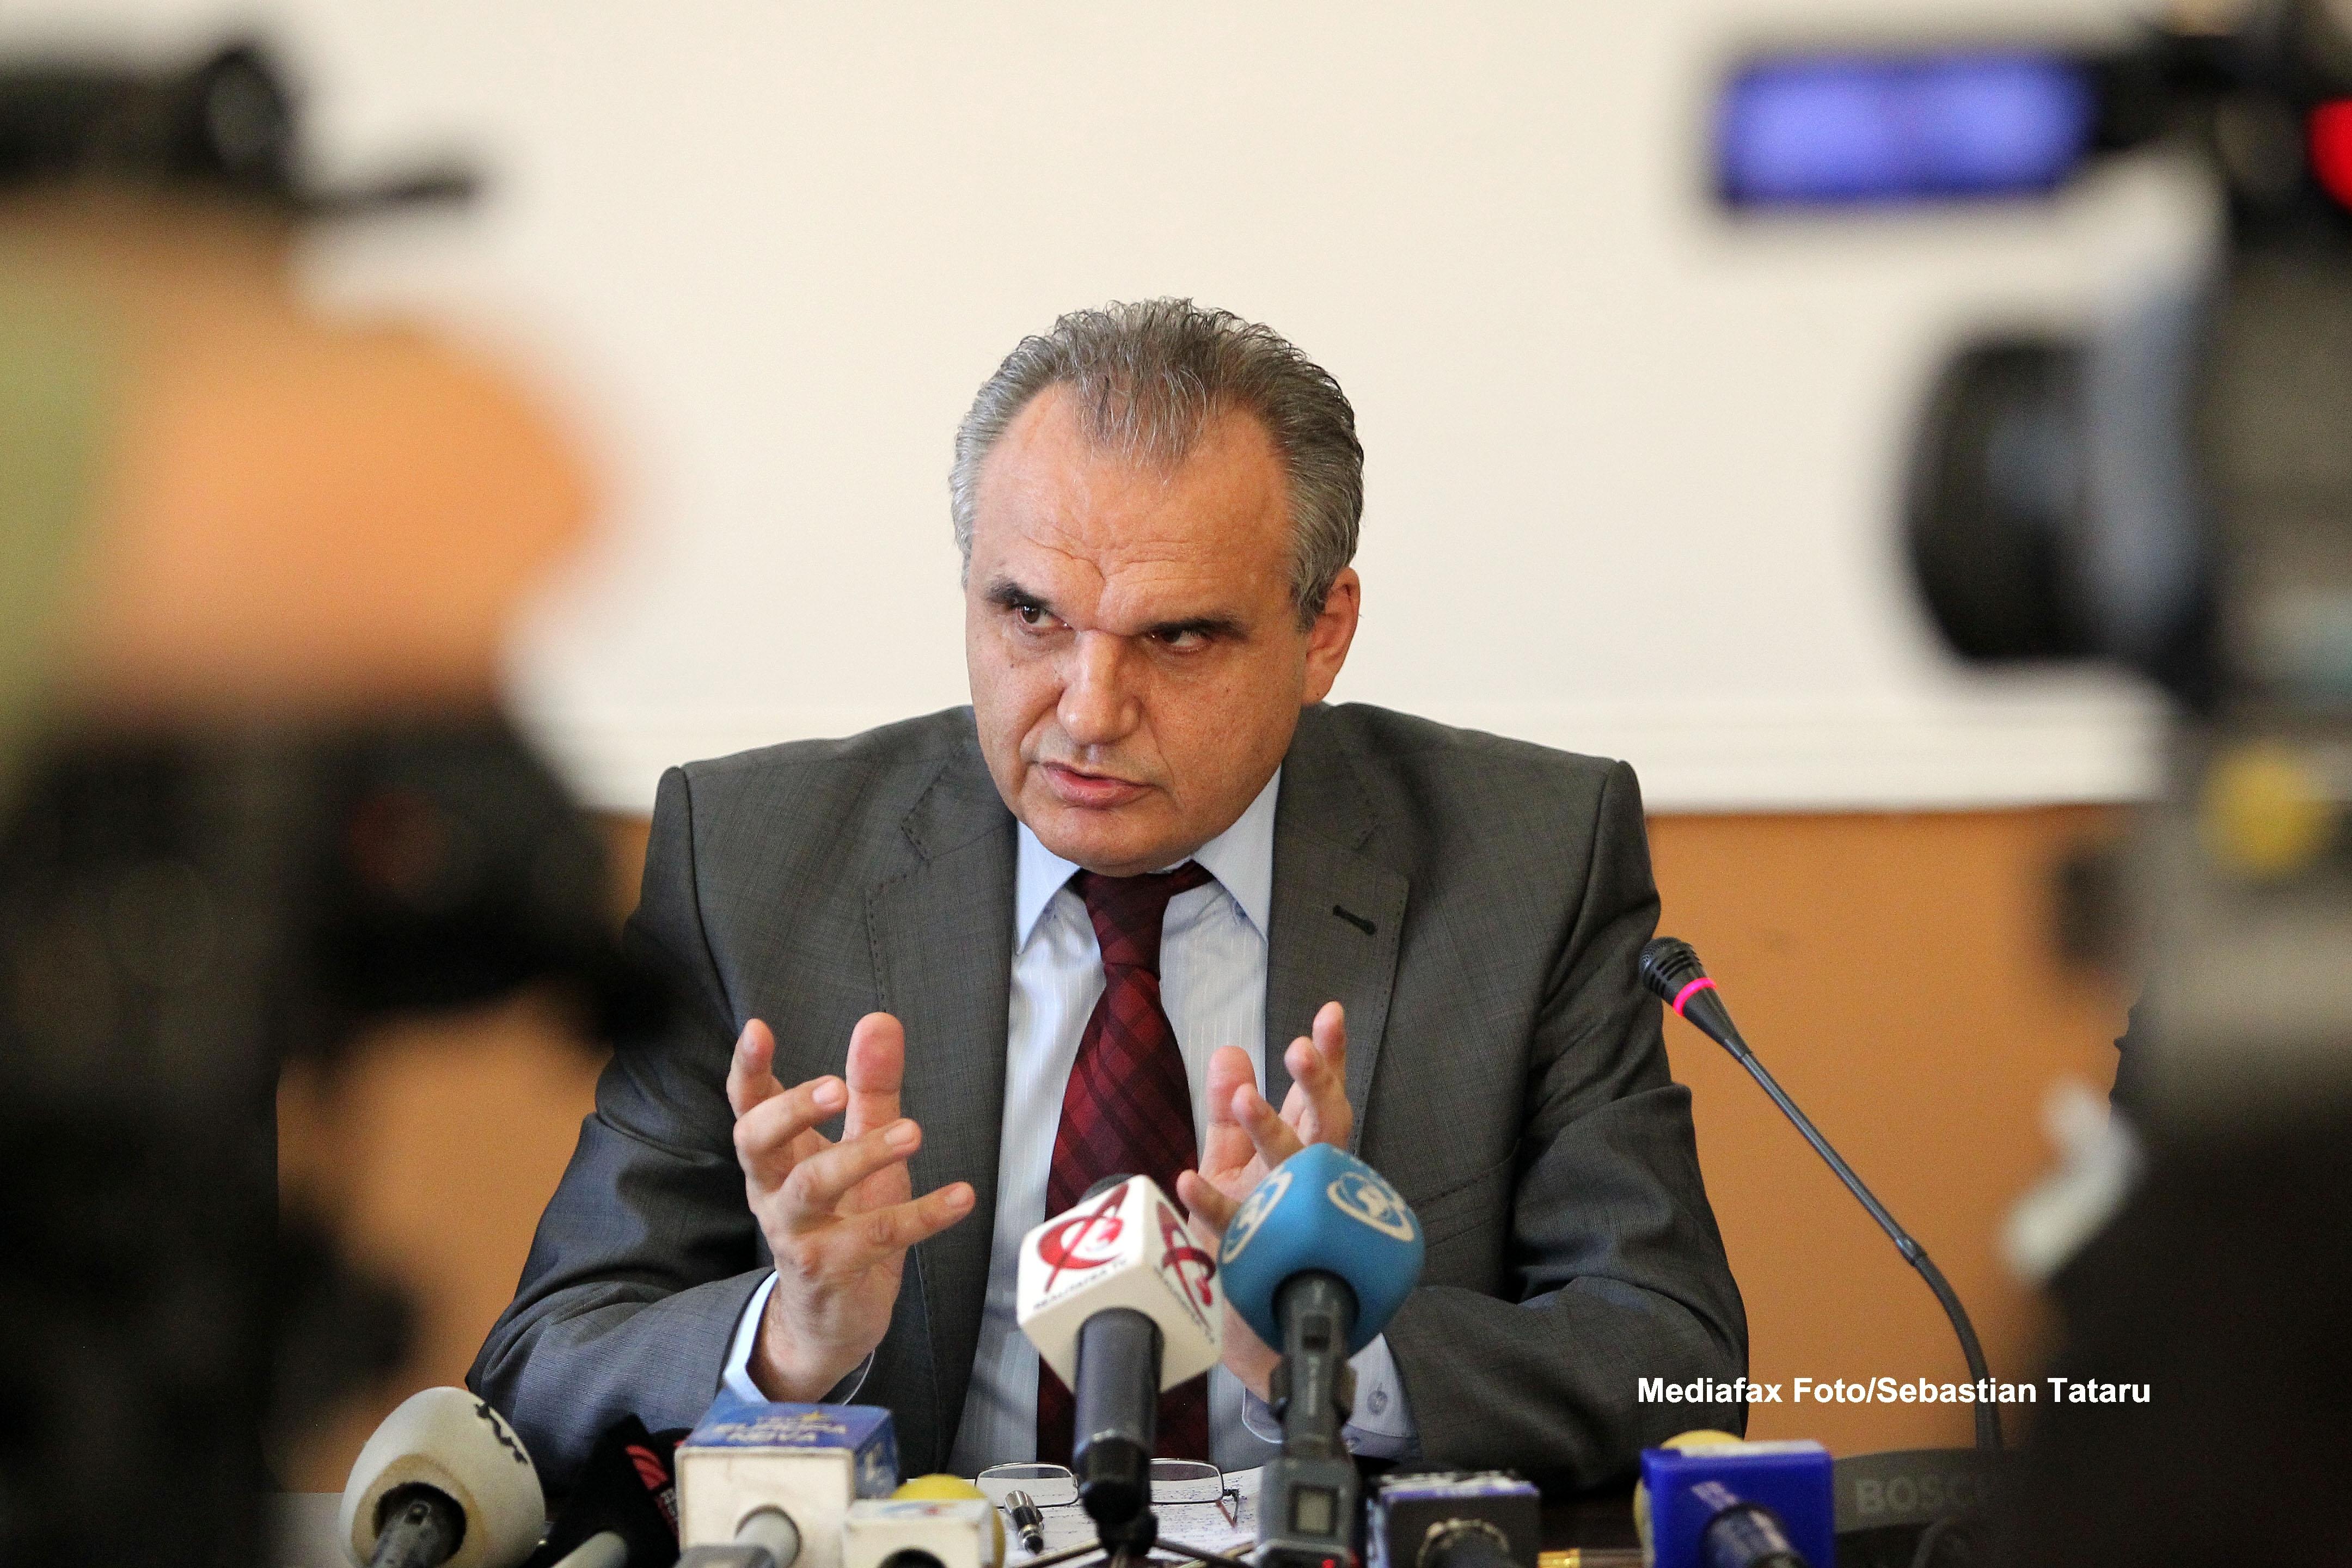 Ministrul Cepoi, acuzat de ANI de conflict de interese si infractiuni legate de fonduri europene